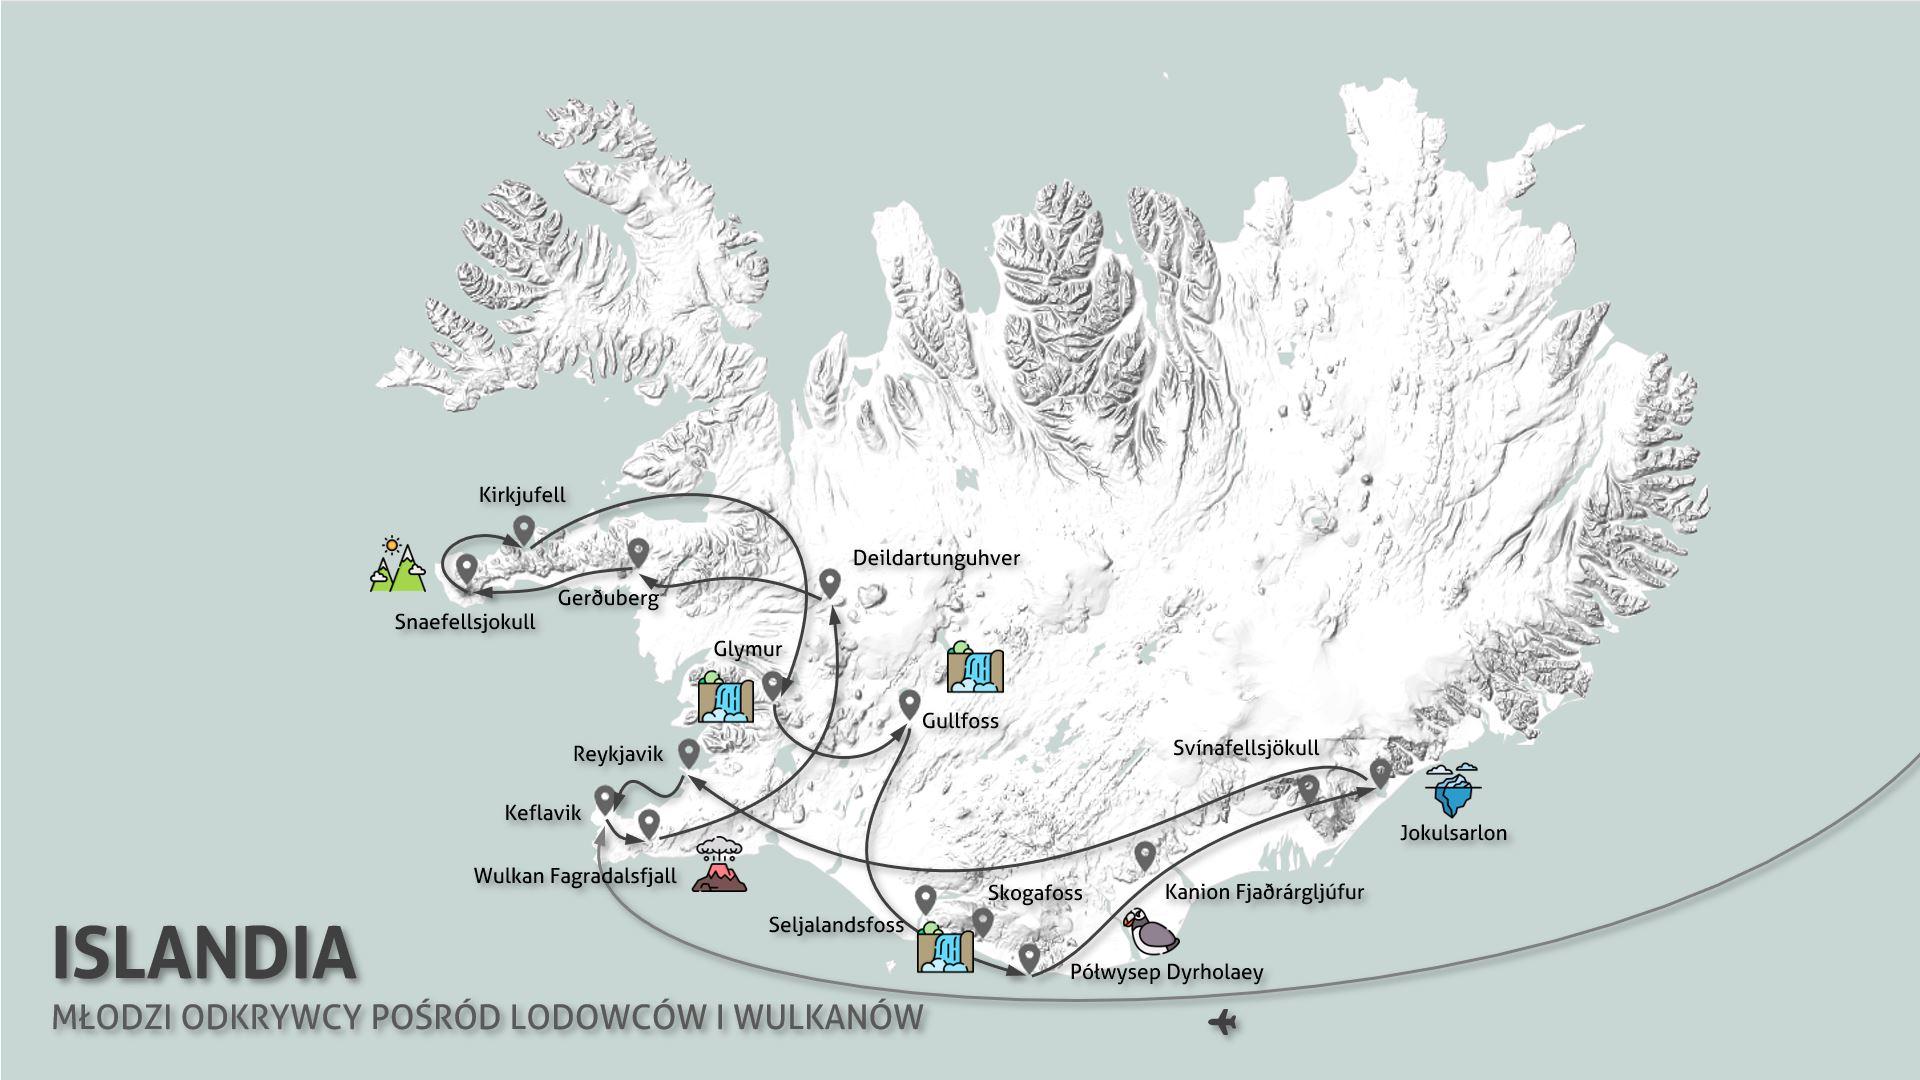 Młodzi Odkrywcy - rodzinna Islandia - mapka